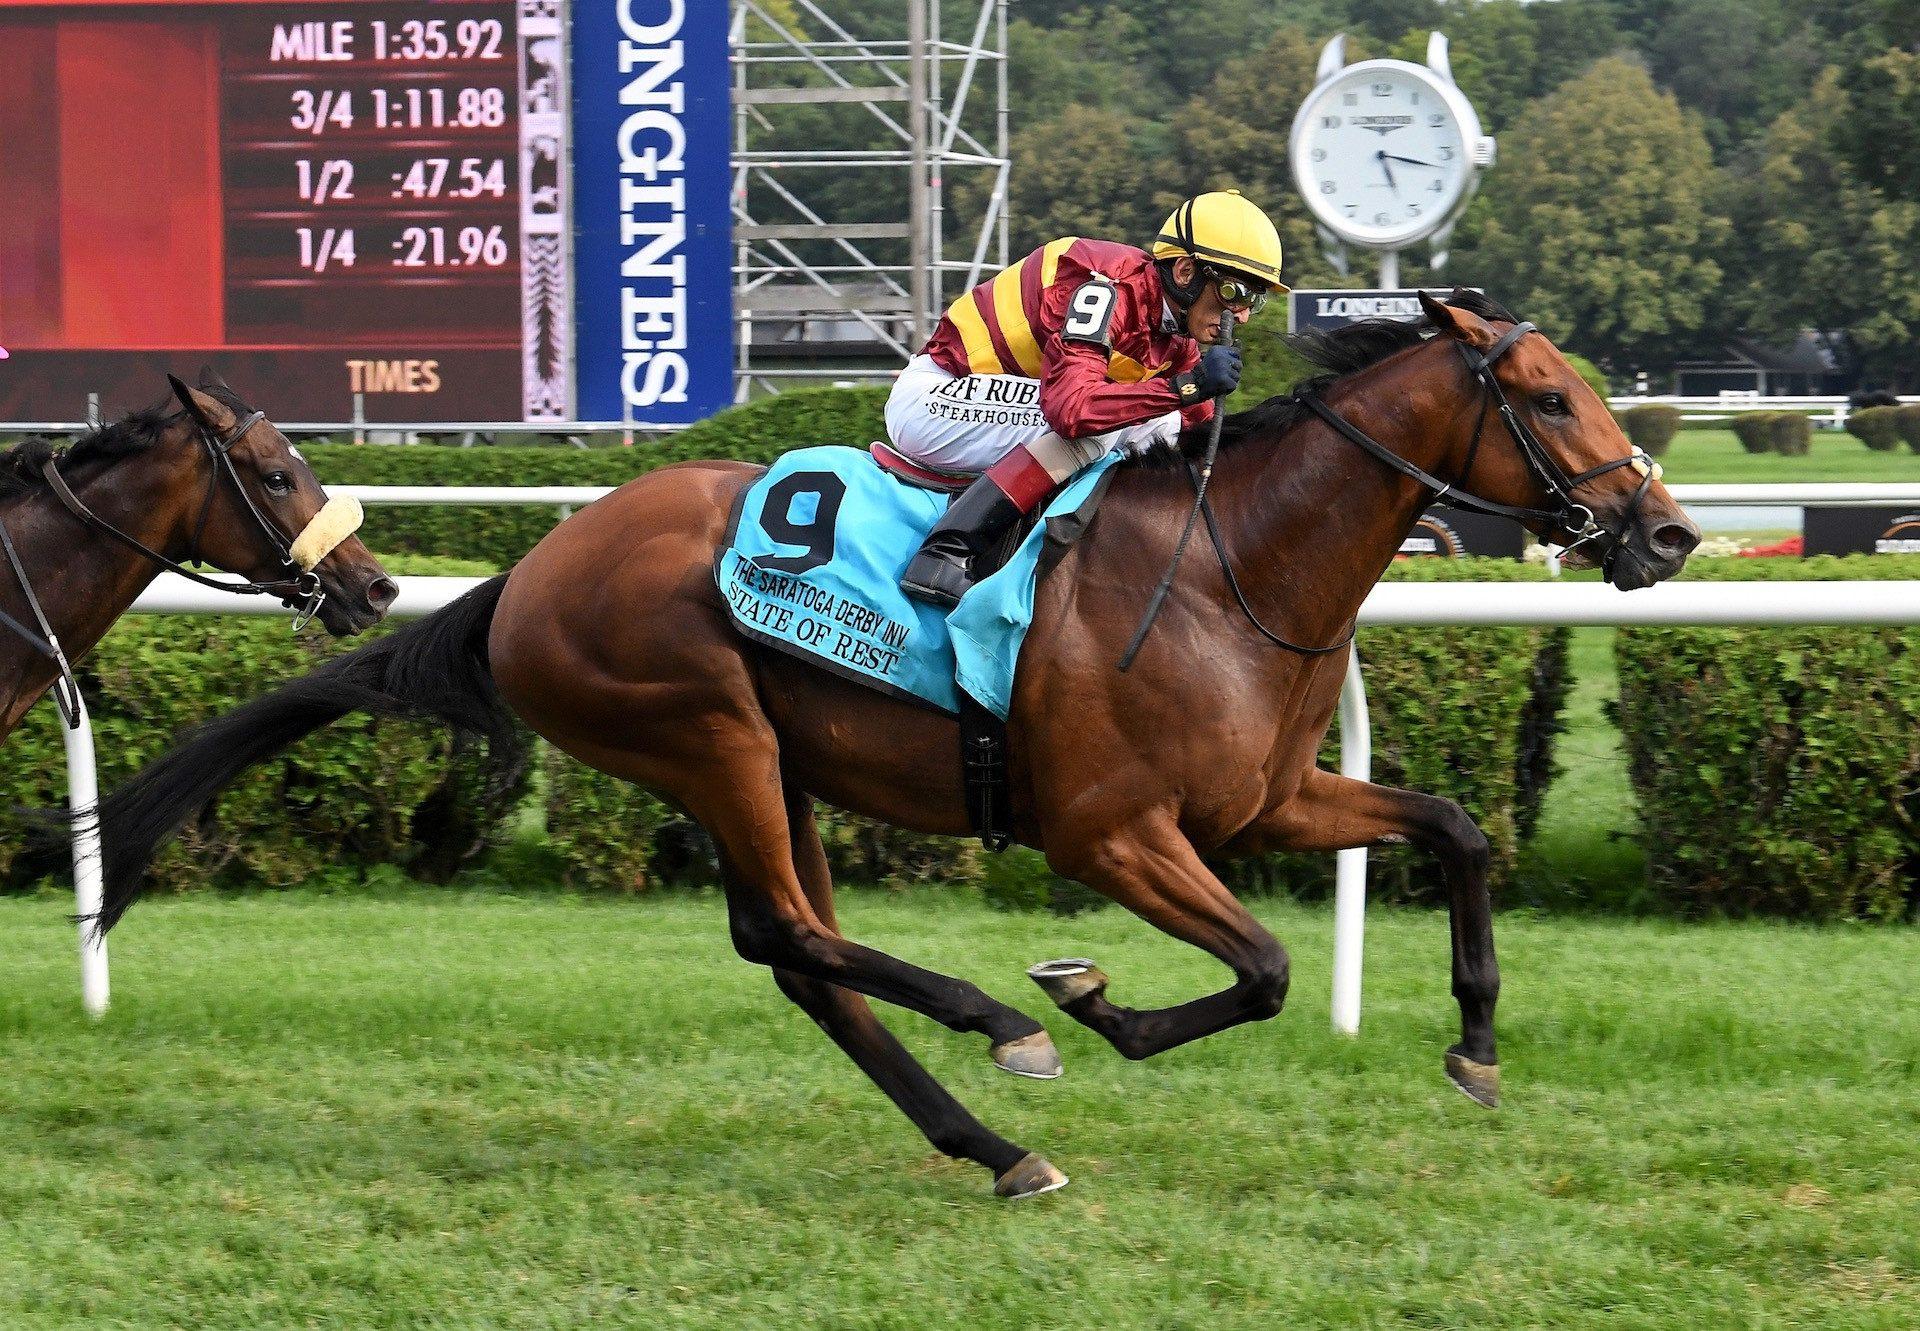 State Of Rest (Starspangledbanner) wins The Saratoga Derby at Saratoga